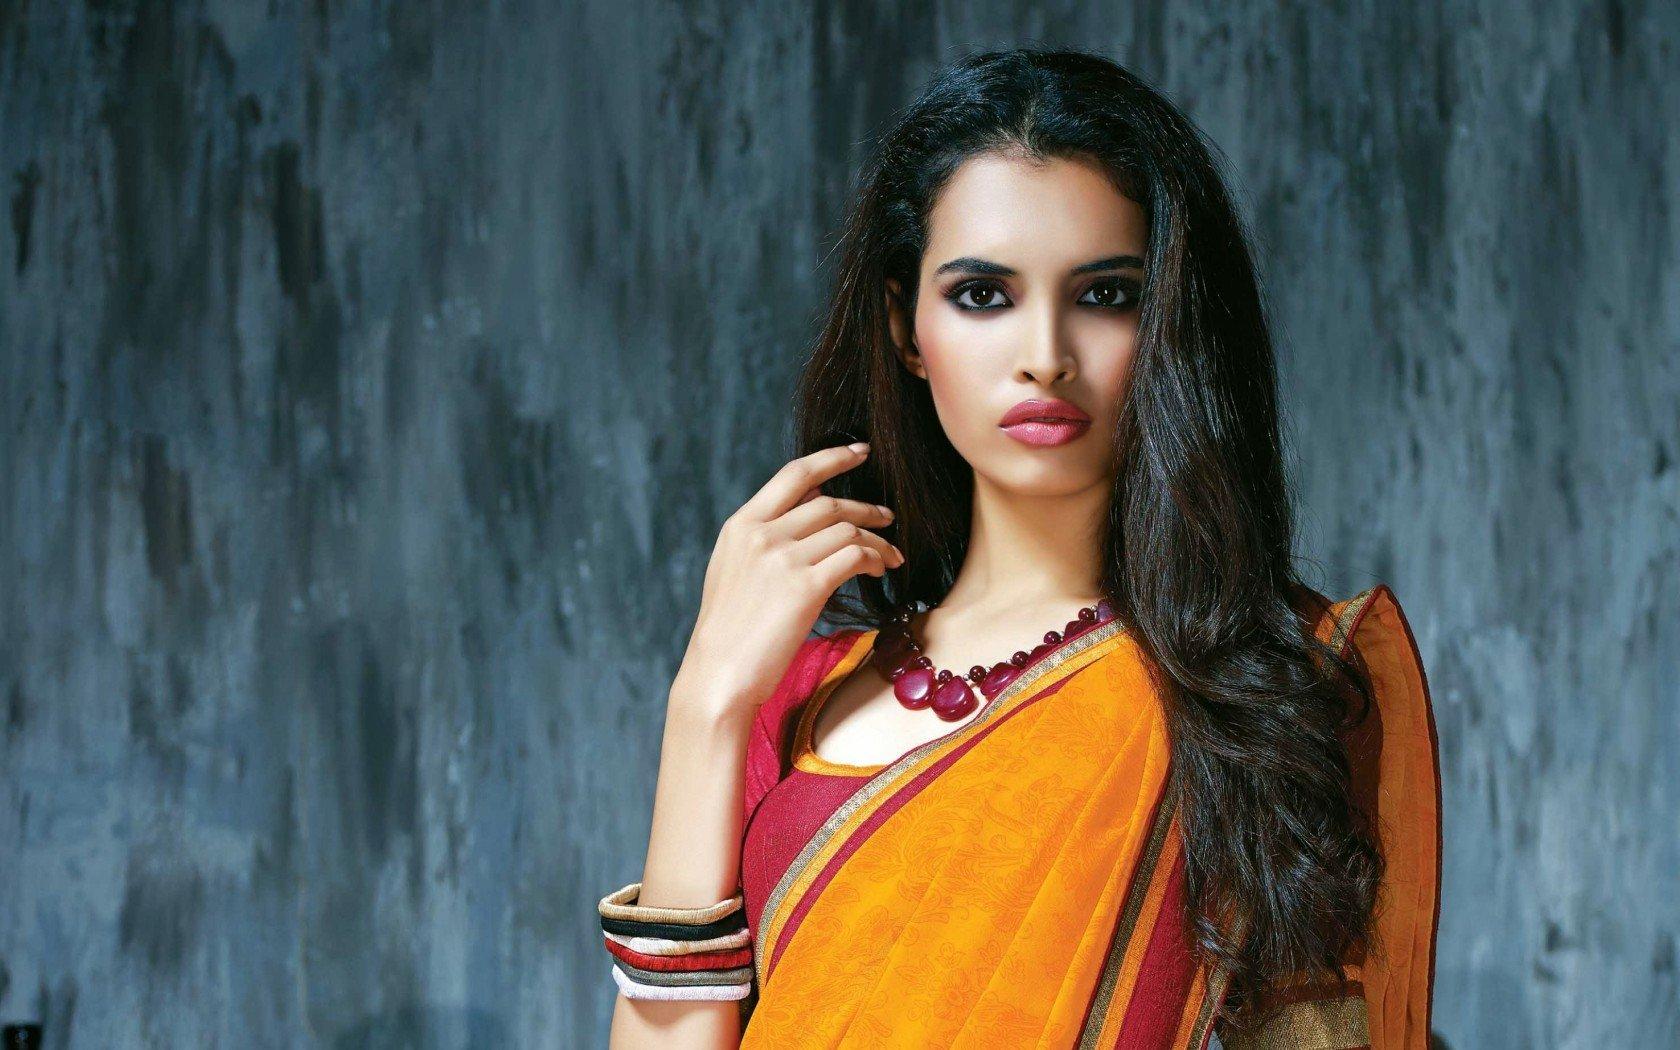 Доставить удовольствие индийские молодые девушки на видео